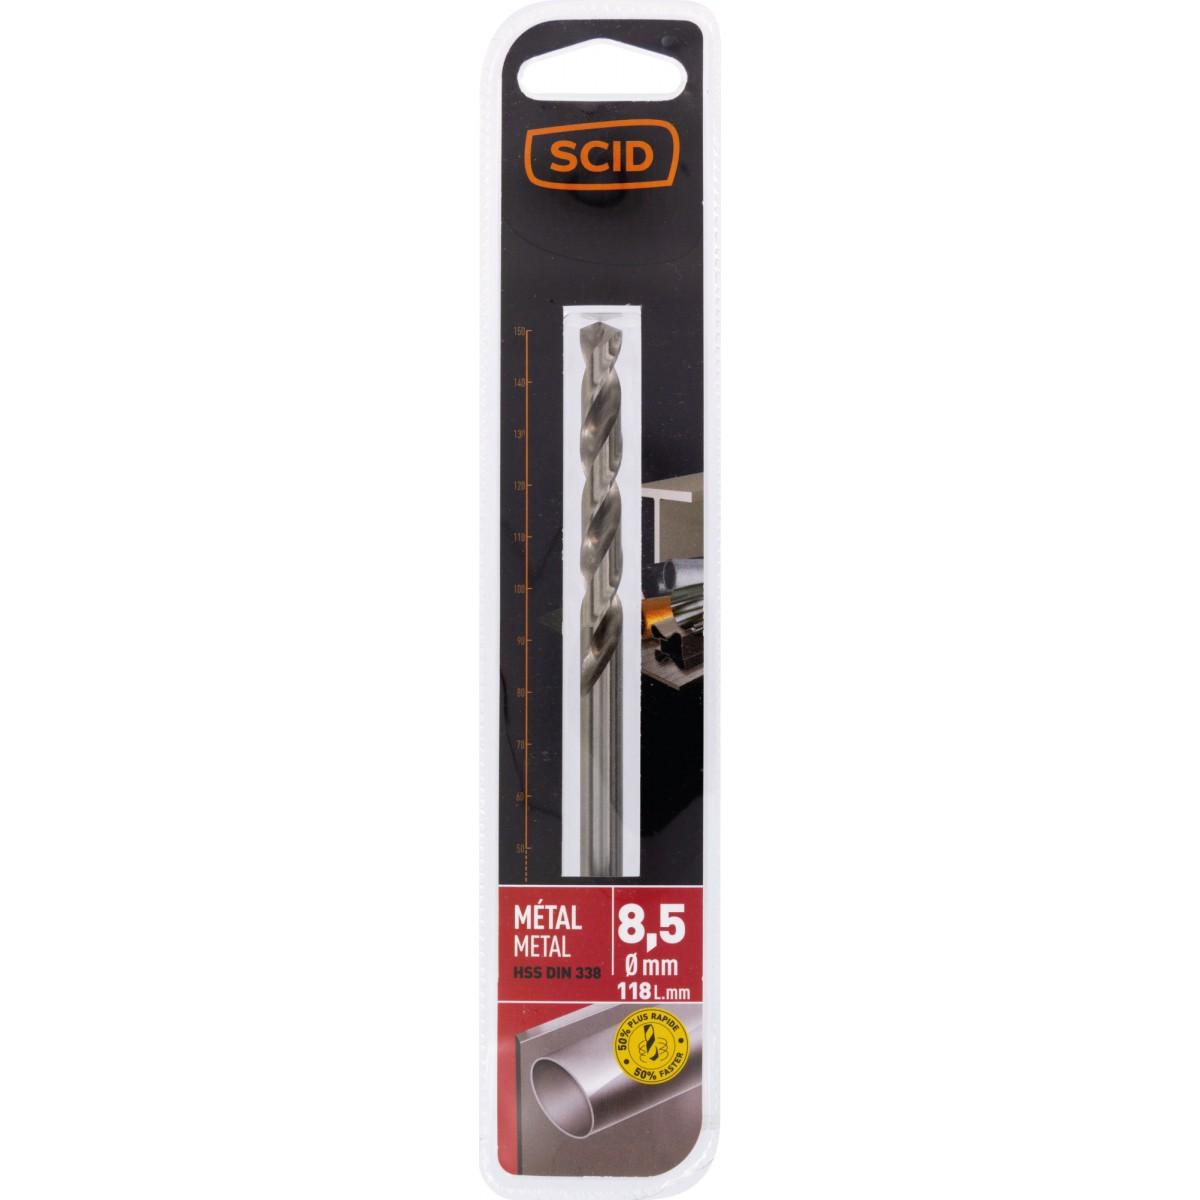 Foret métal HSS din 338 SCID - Longueur 118 mm - Diamètre 8,5 mm - Vendu par 1